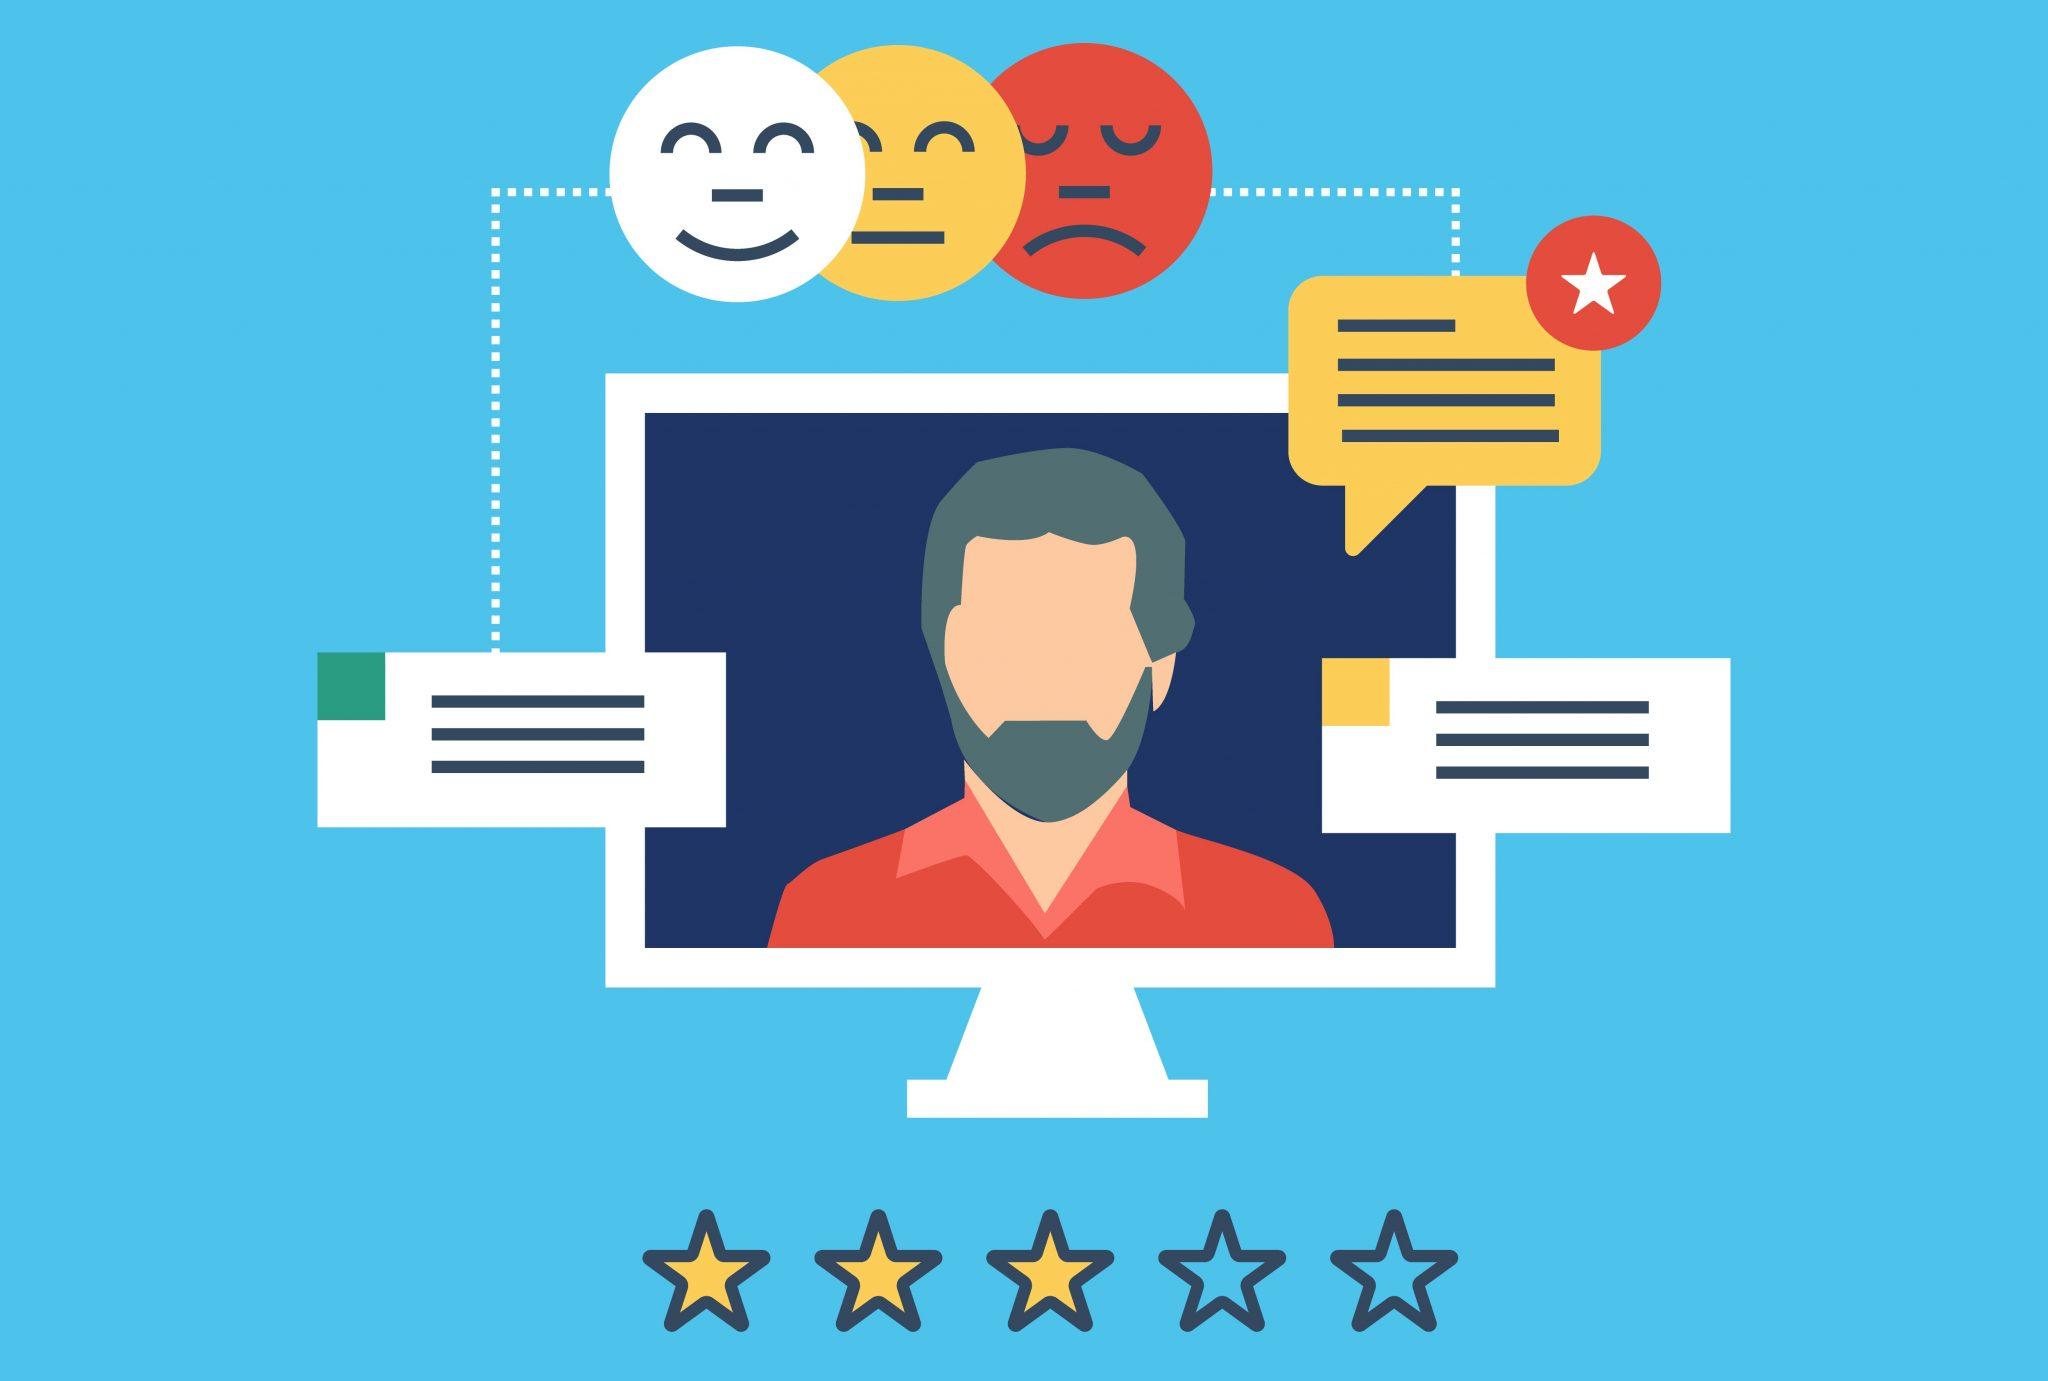 Comment gérer une client mécontent ? Les 5 piliers pour gérer un client insatisfait !